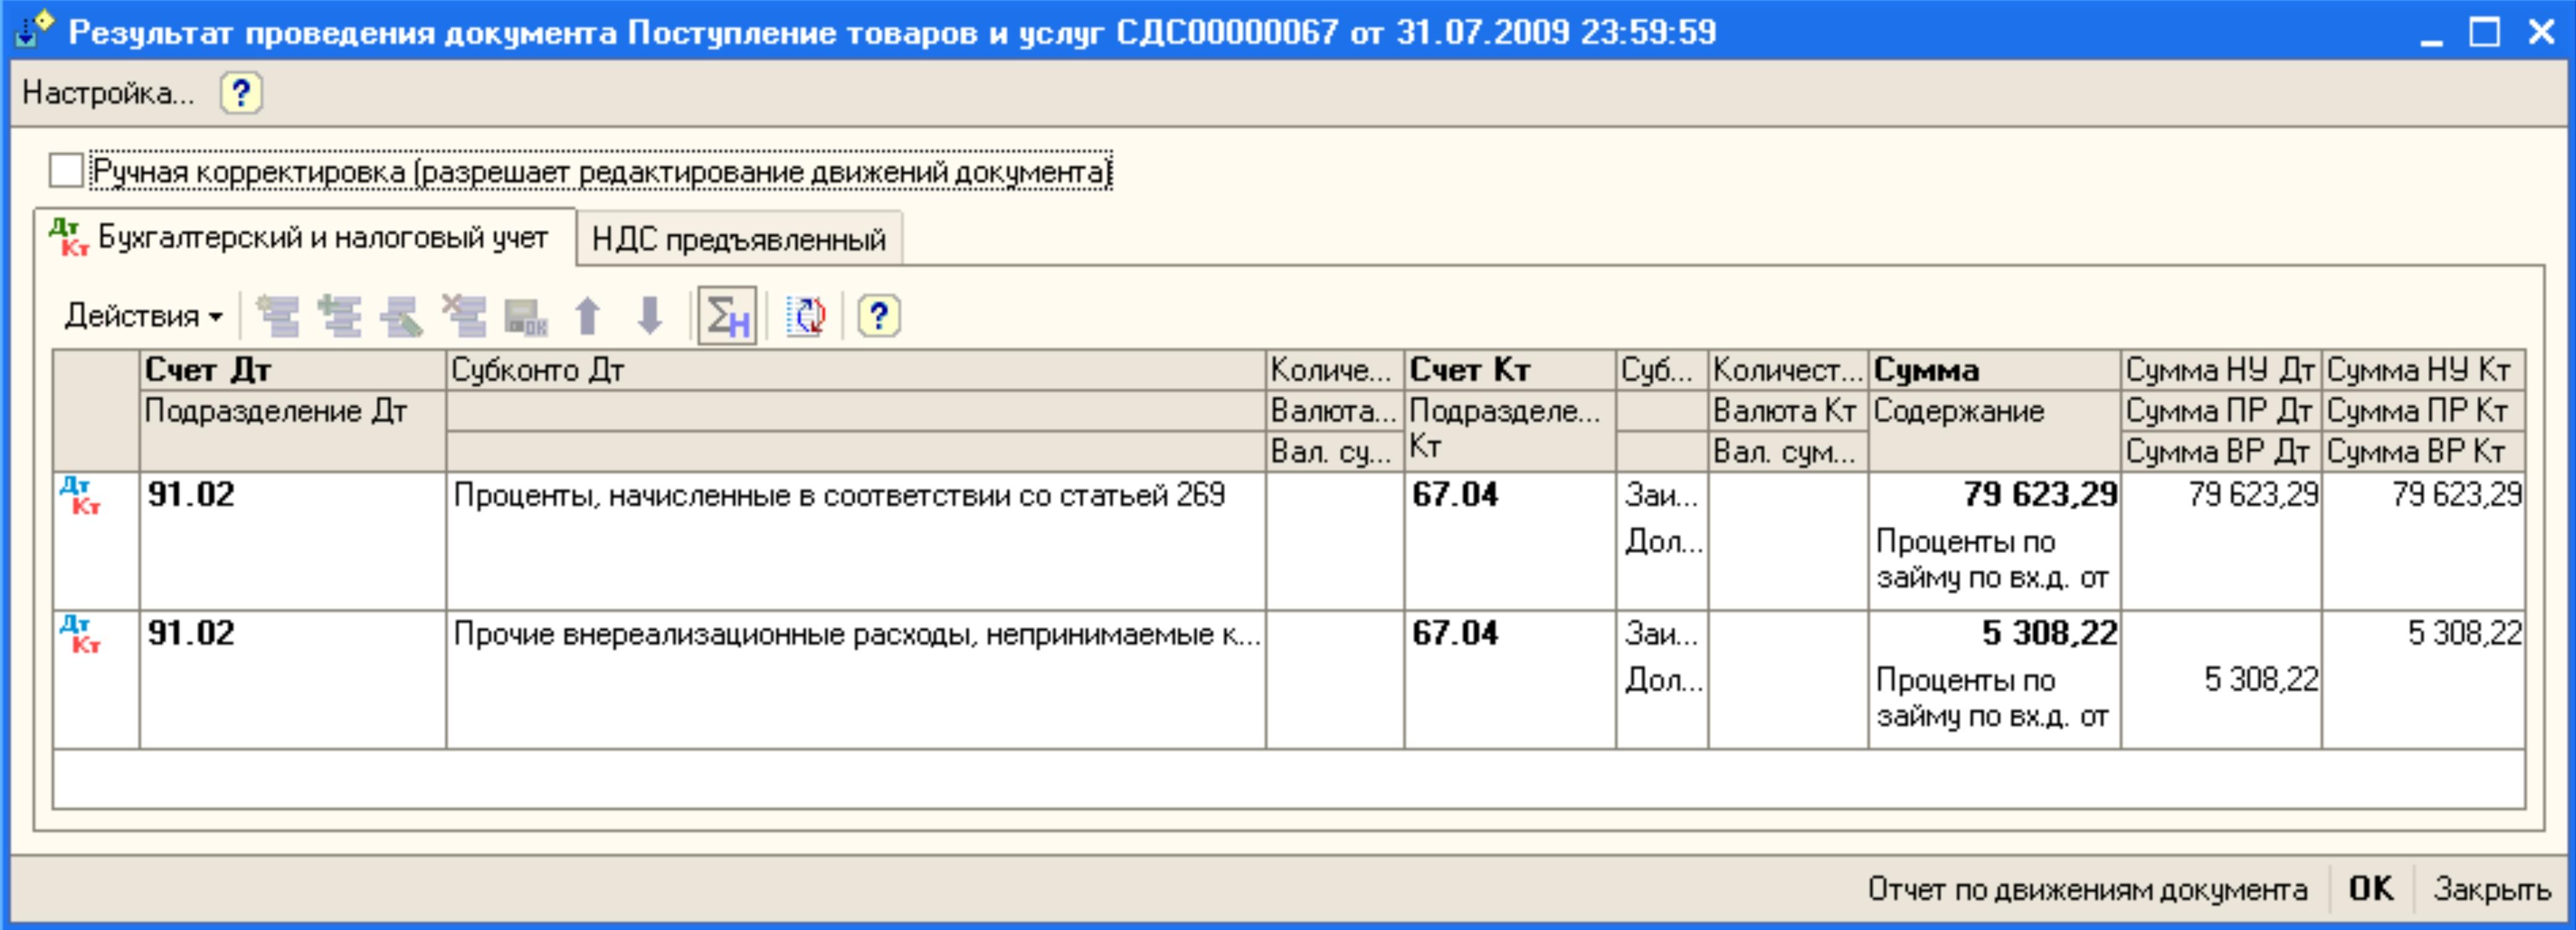 бухгалтерский учет кредитов и займов скачать: